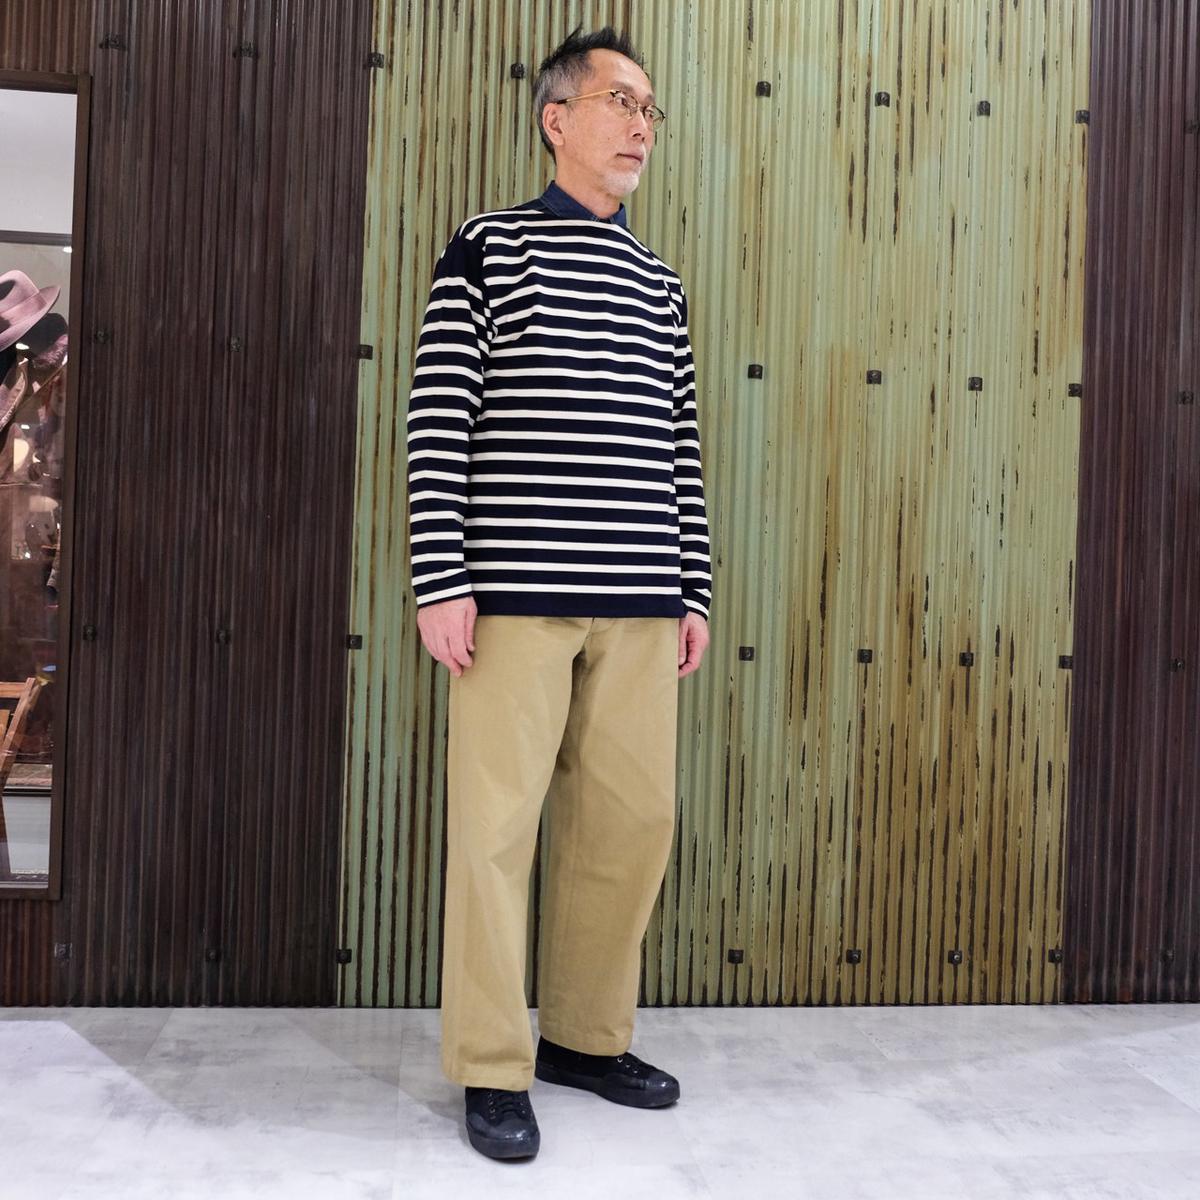 f:id:straysheep_yurakucho:20210225192943j:plain